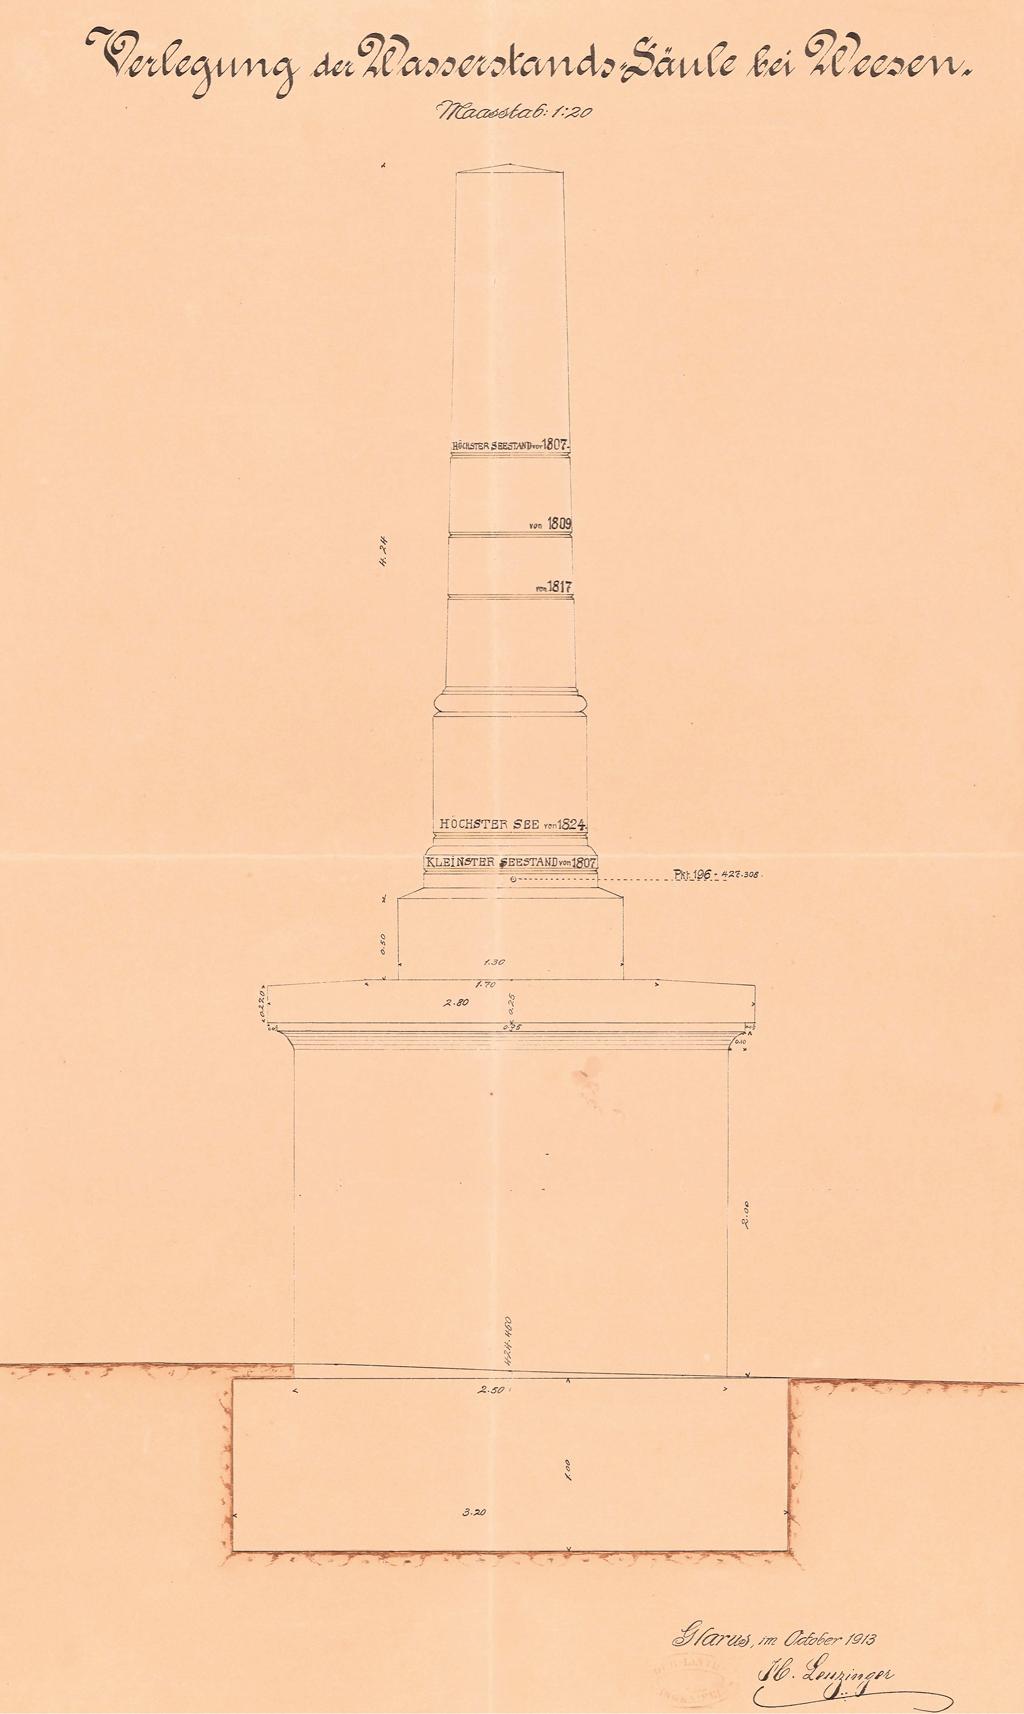 1913_Wasserstandssaeule_Weesen_1913_2